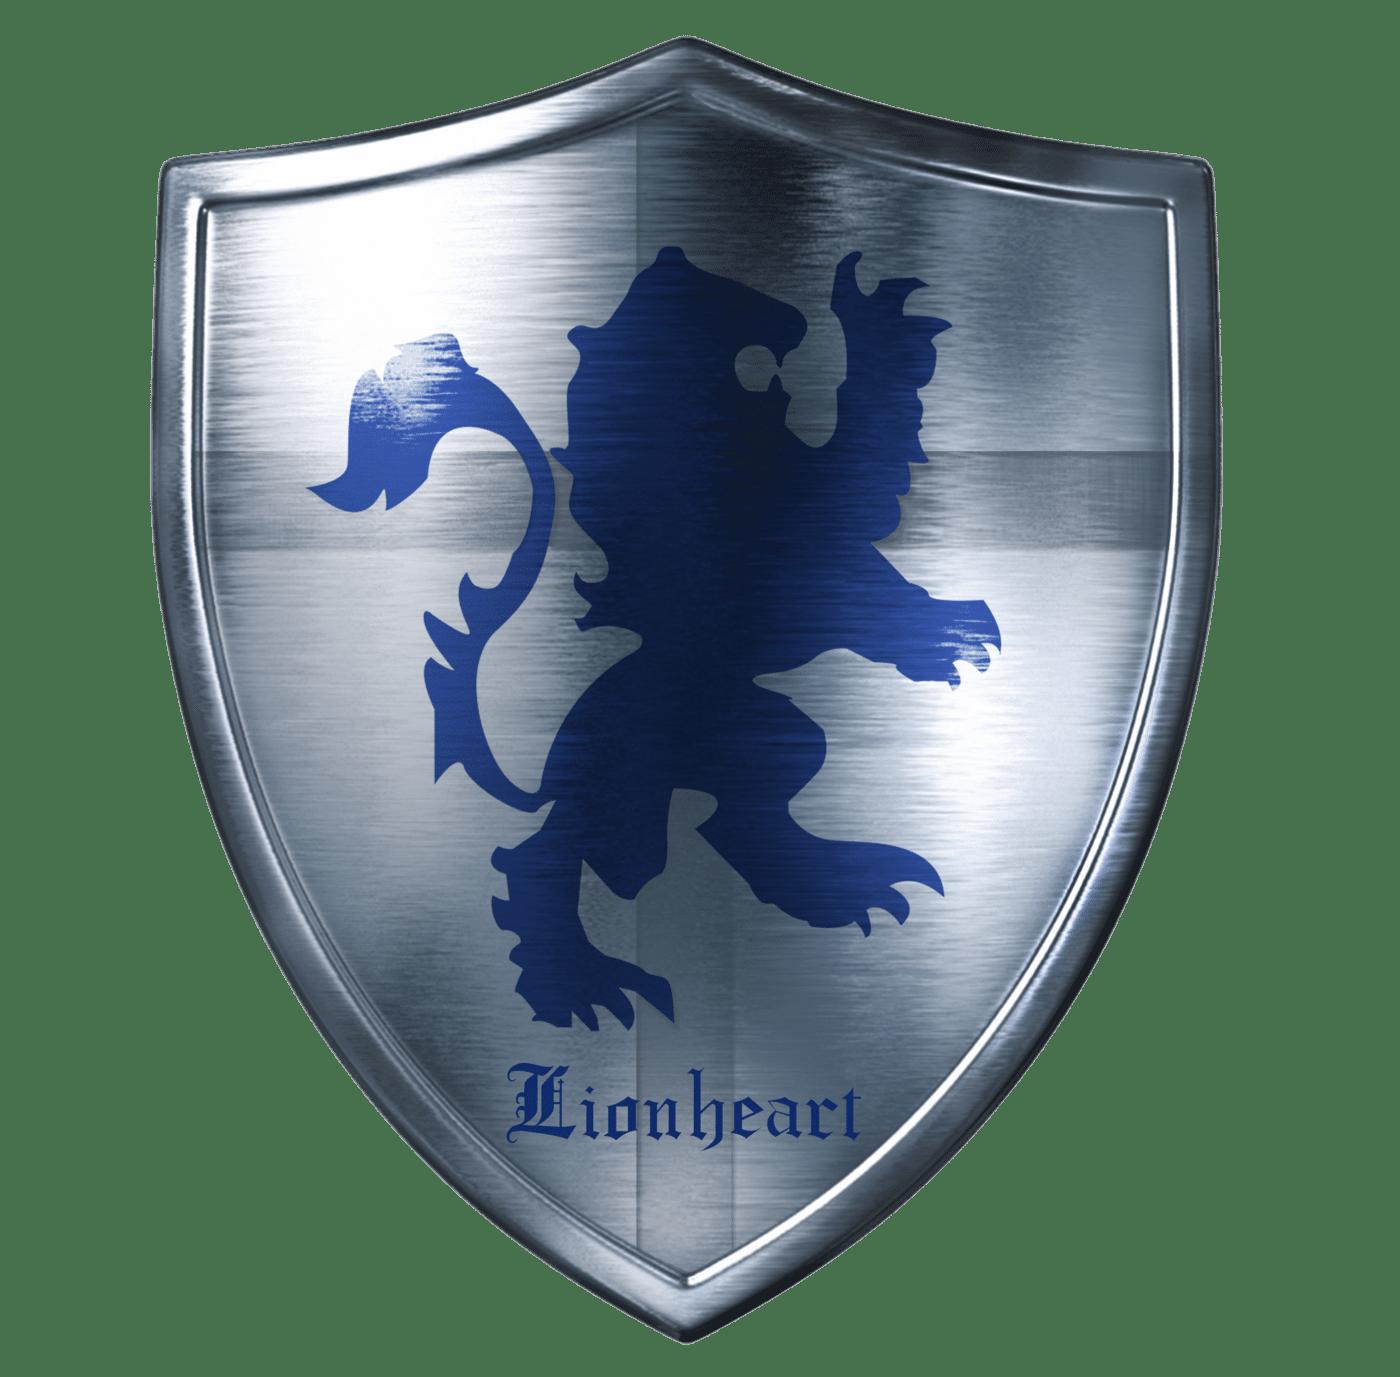 Team_Lionheart_text_2.png